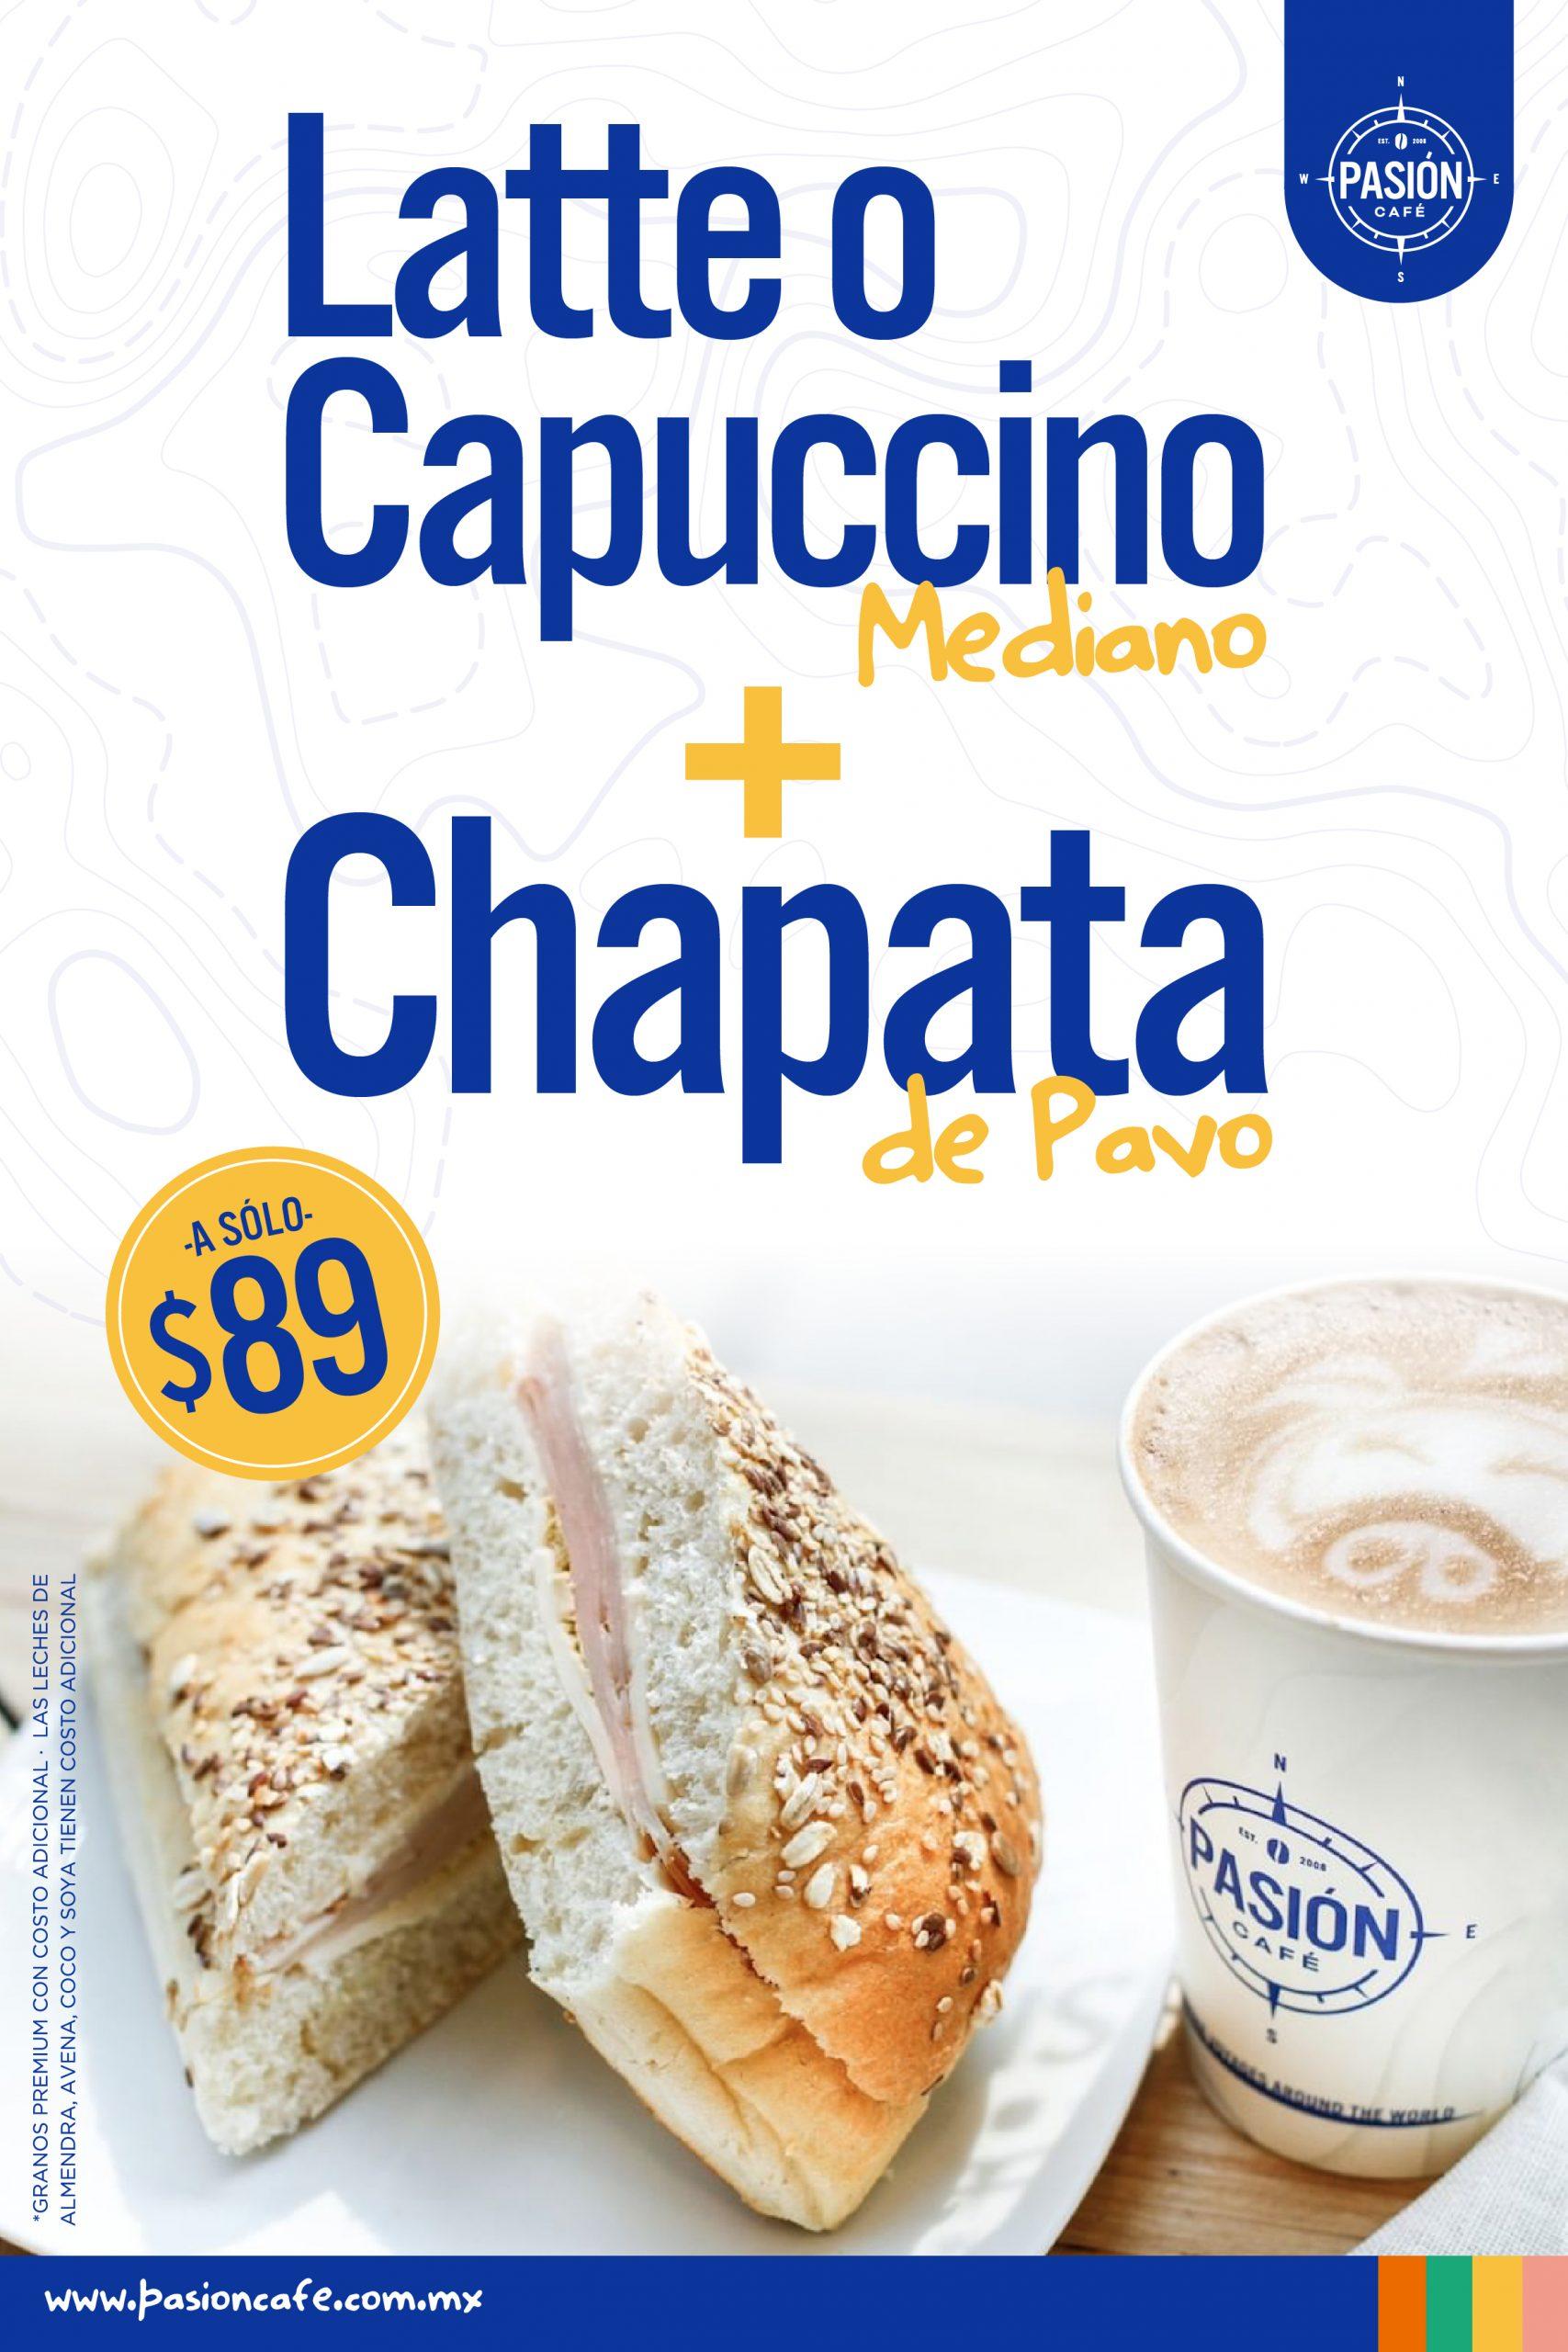 Pasión Café Capuchino + Chapata